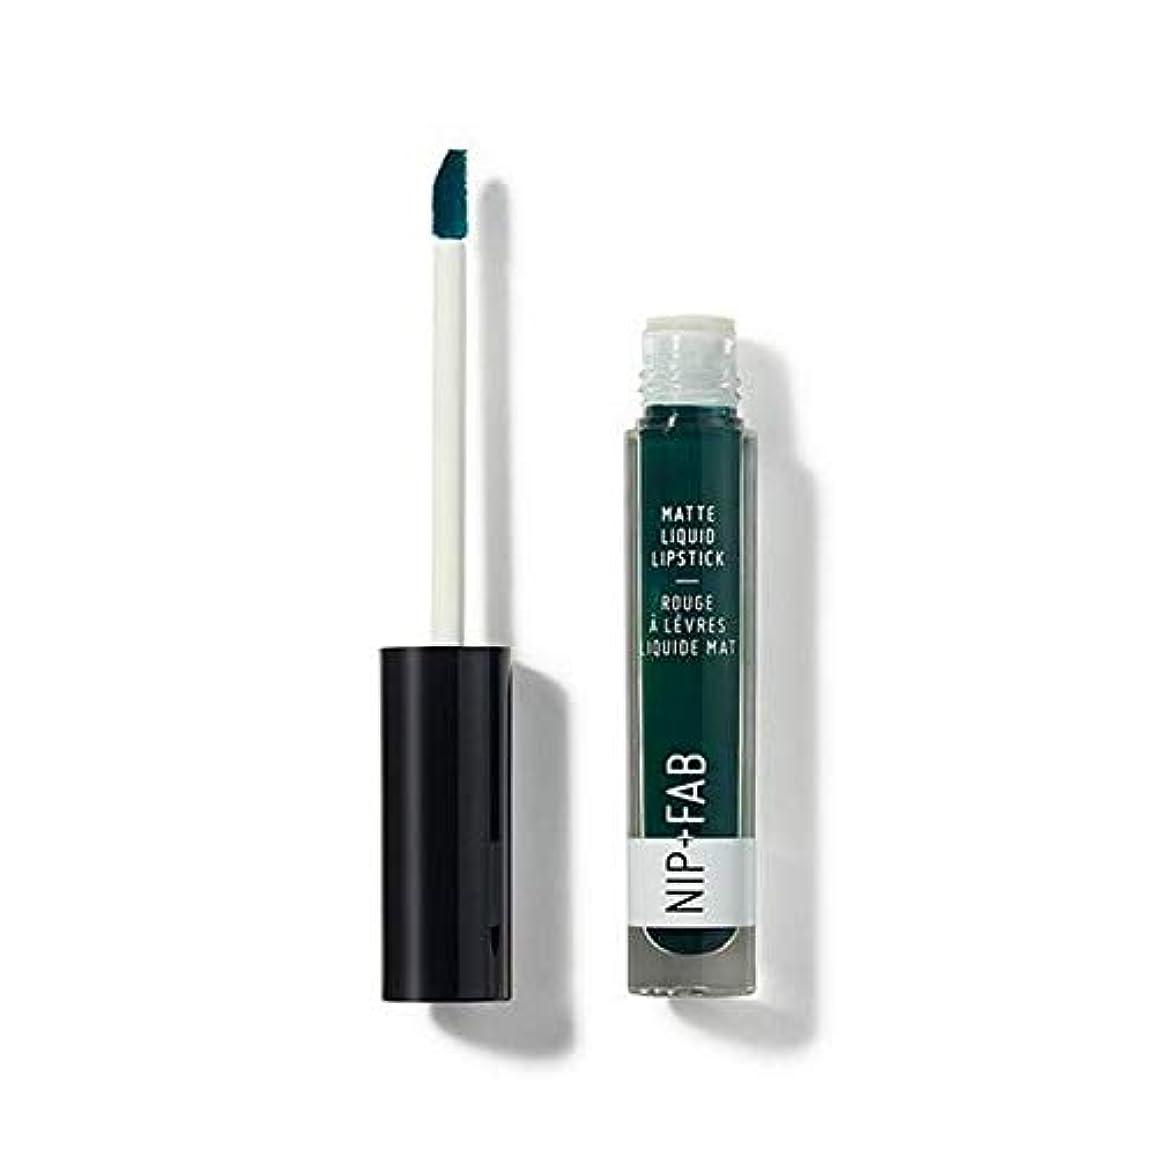 ペーストなぜ装備する[Nip & Fab ] + Fabマット液状口紅クールミント65ニップ - Nip+Fab Matte Liquid Lipstick Cool Mint 65 [並行輸入品]